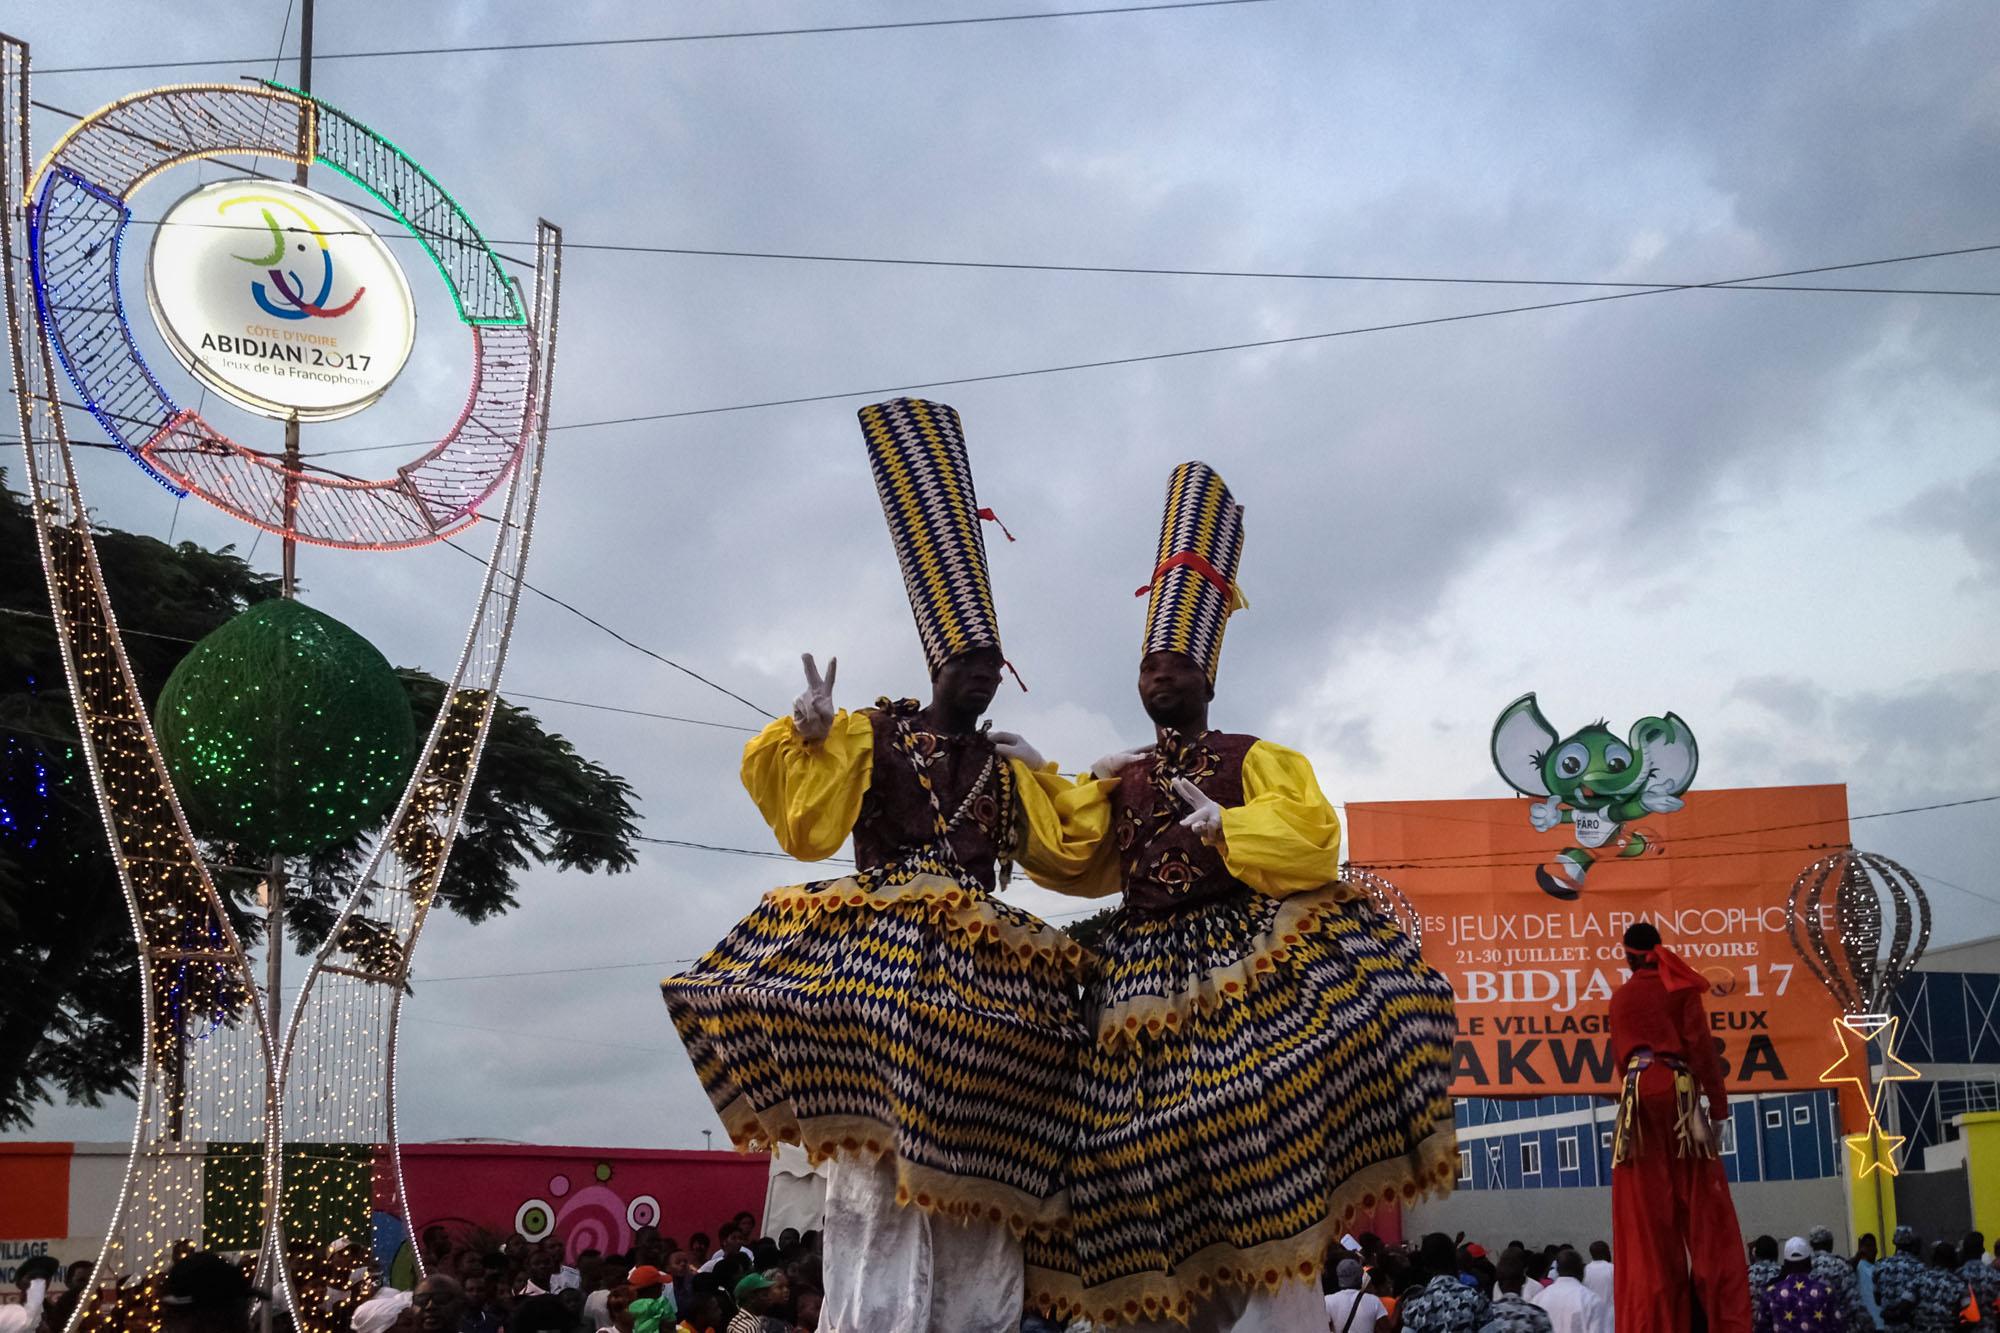 01_Abidjan_4740